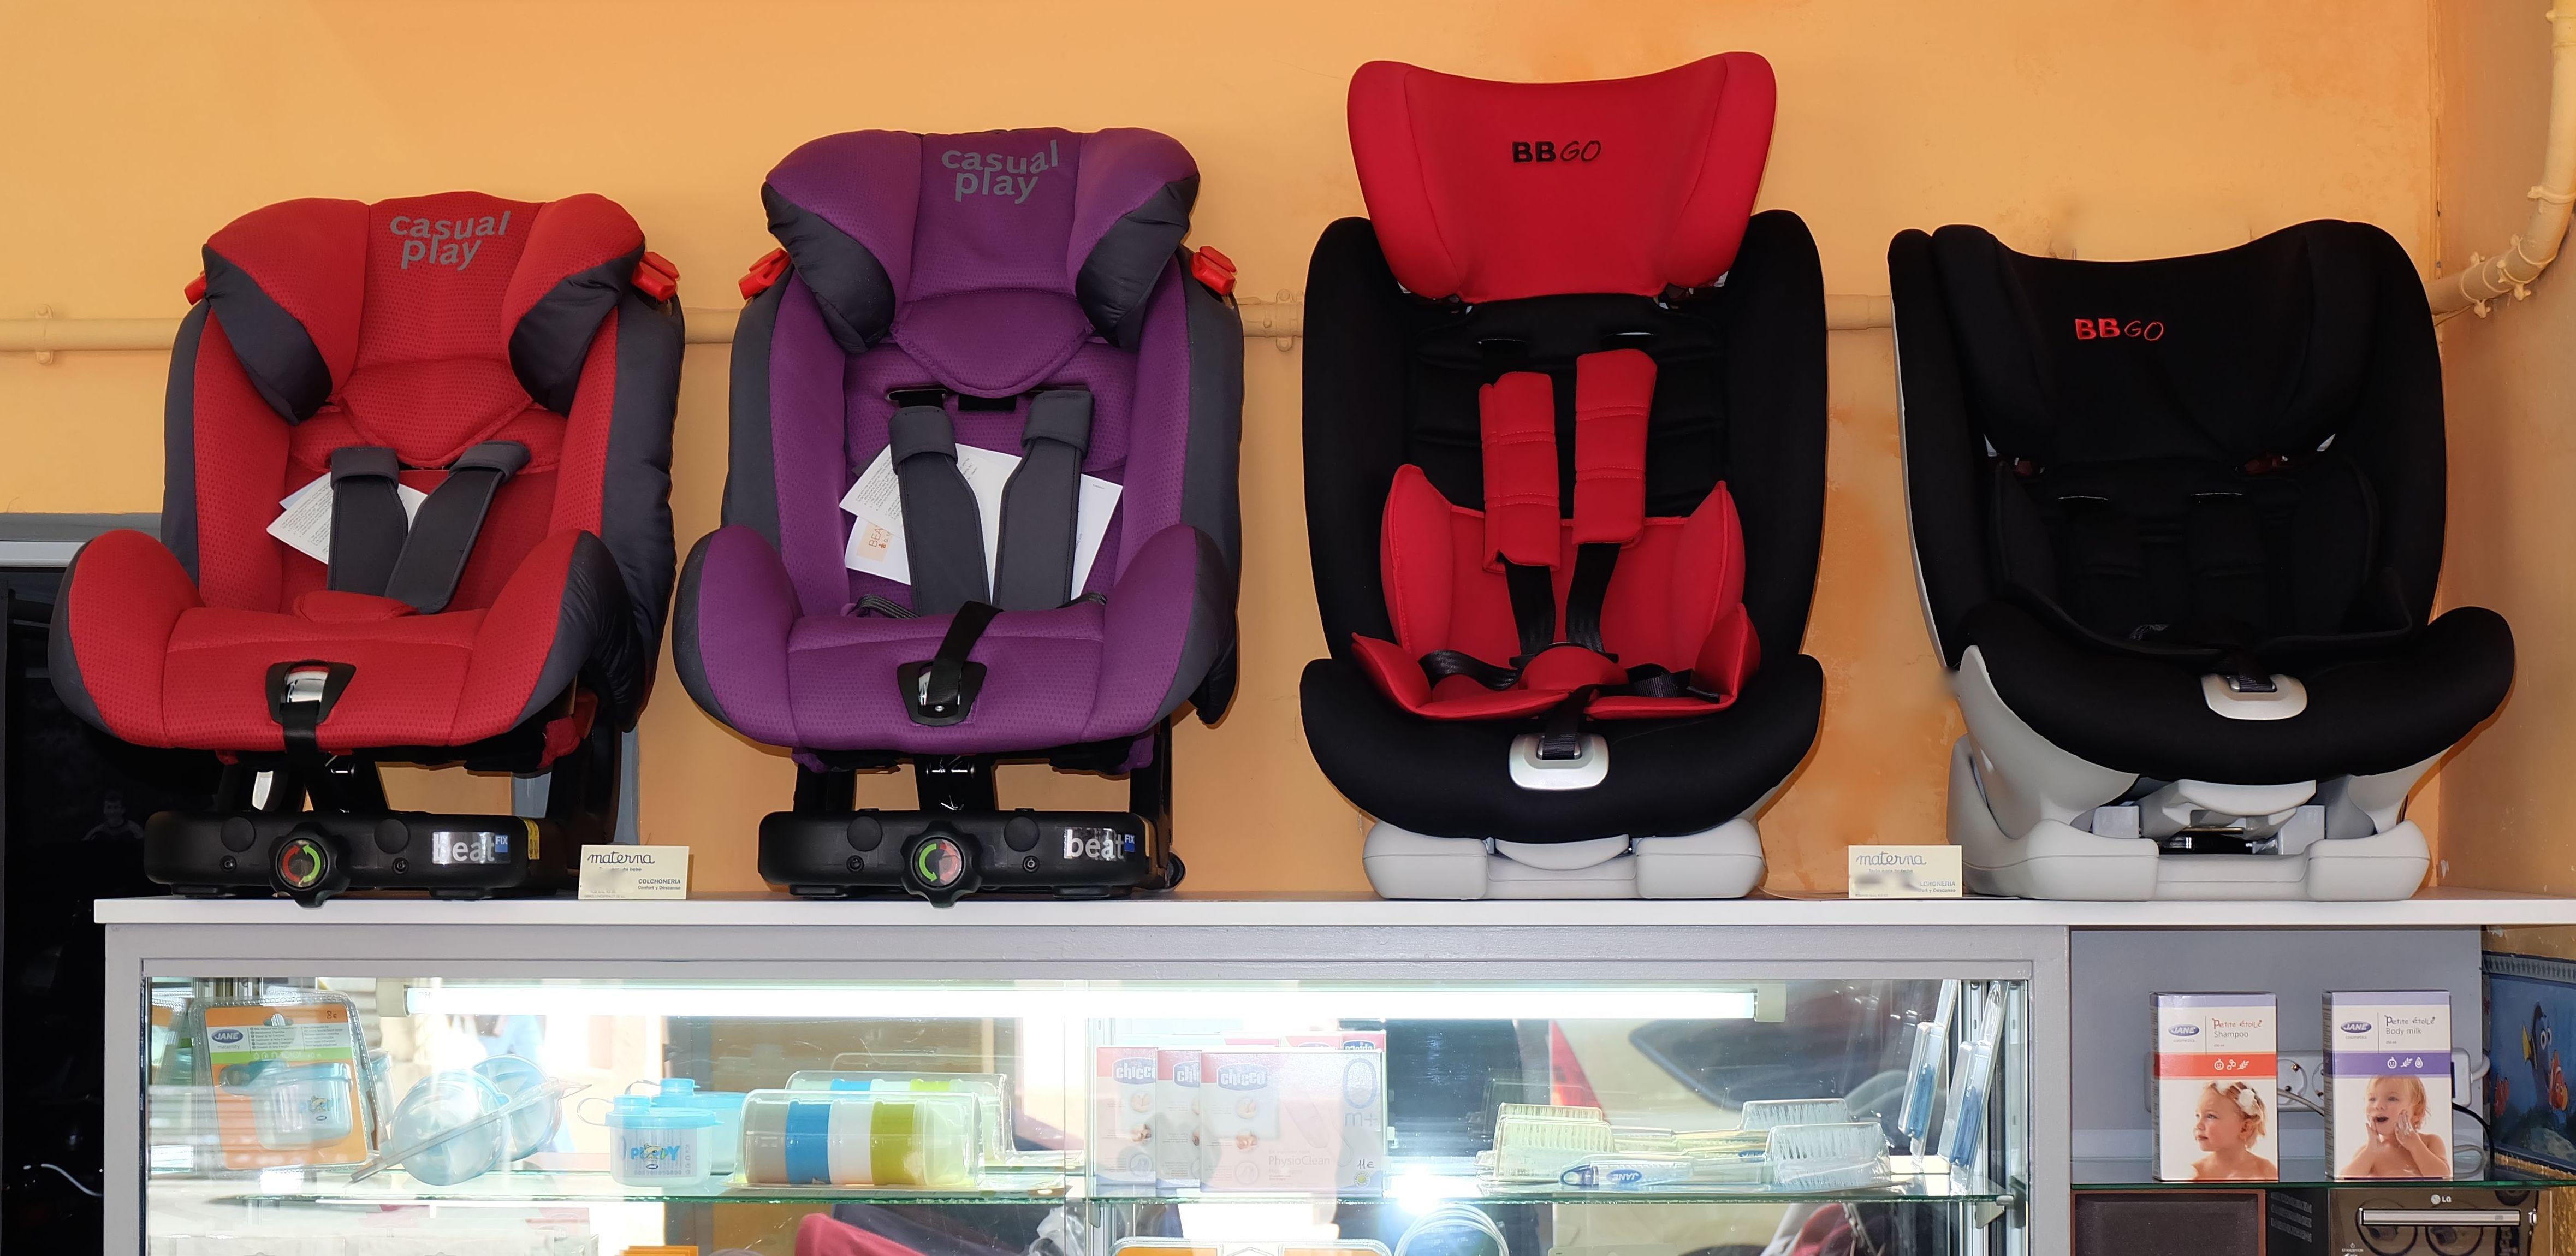 Foto 38 de Mobiliario infantil en L'Hospitalet de Llobregat | Materna|Productos para bebé con los precios más bajos